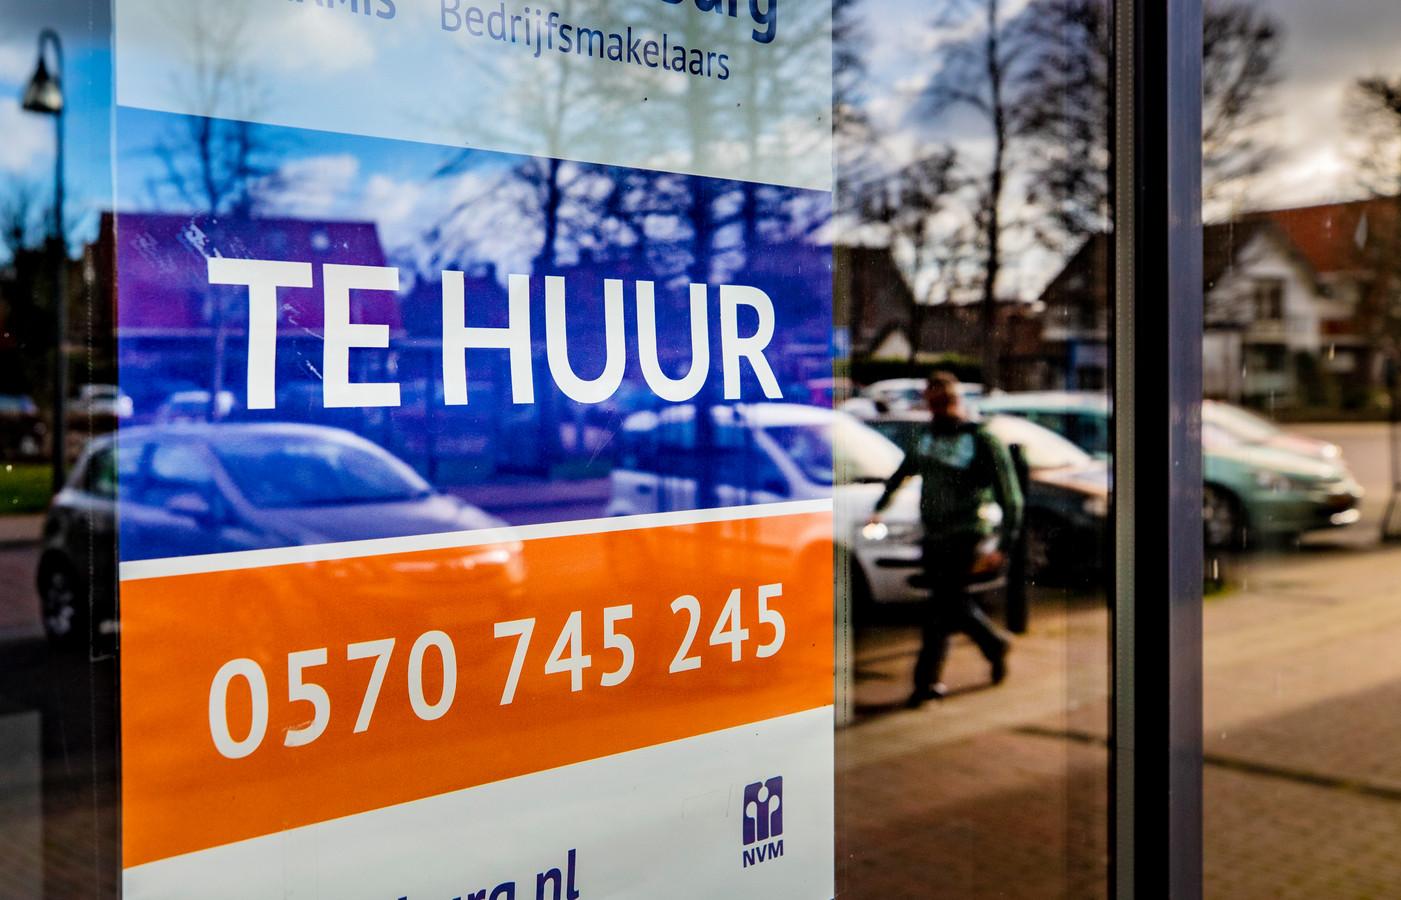 DS-2020-0889 - Olst - Winkels in klein dorp Olst doen het allemaal goed, tegen de stroom van leegstand in. Foto Rob Voss - www.robvoss.nl